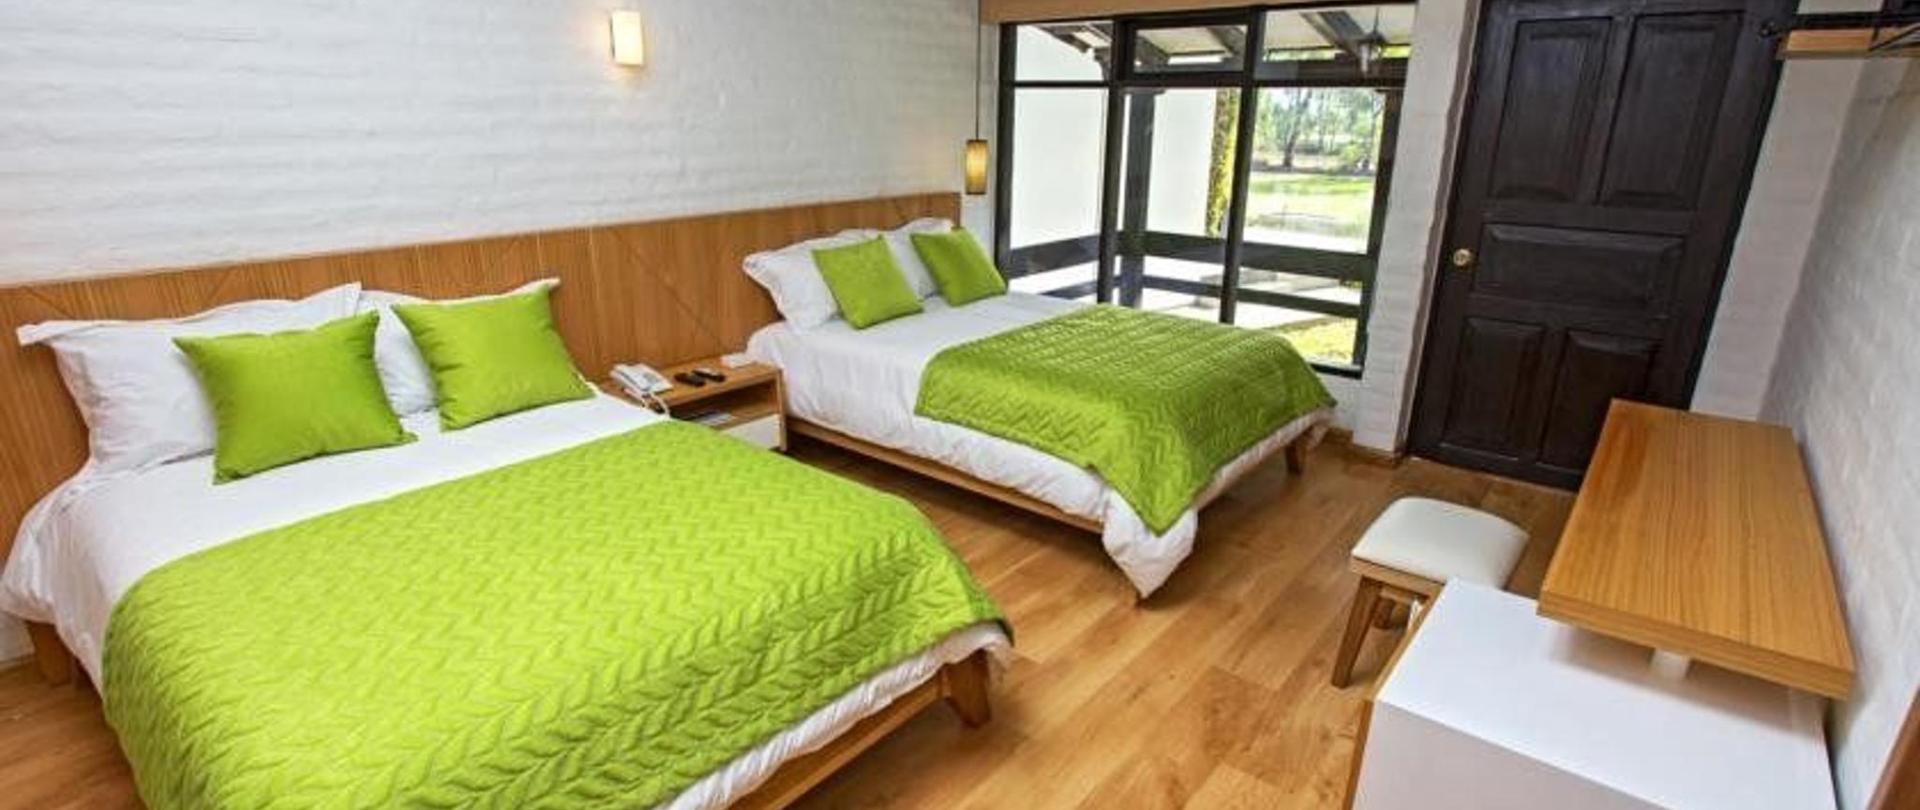 habitaci-n-2-camas.jpg